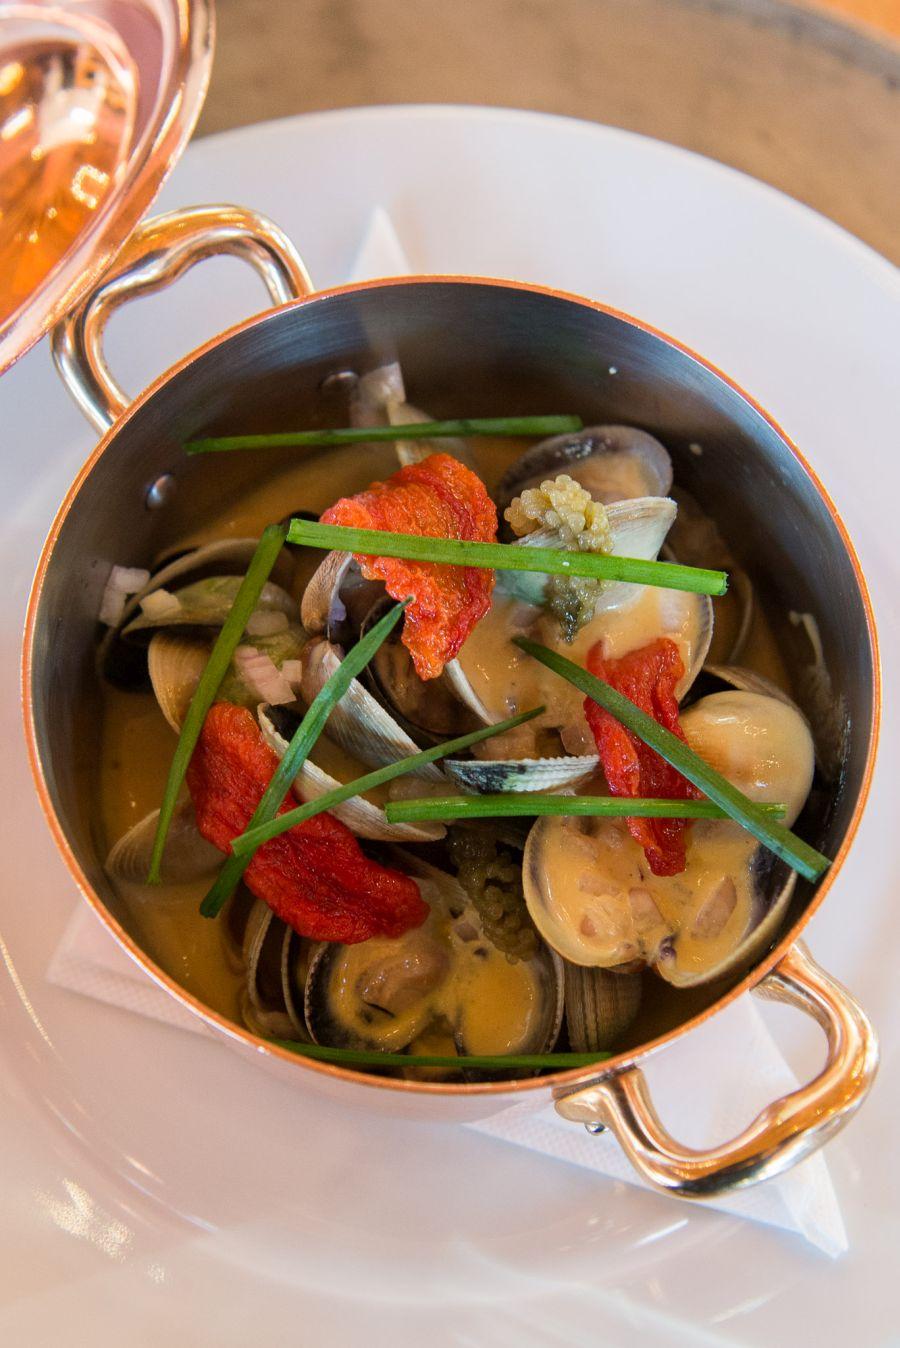 Steamed littleneck clams, 'Craggy Range' verjus and mustard cream sauce  (NZ$25)